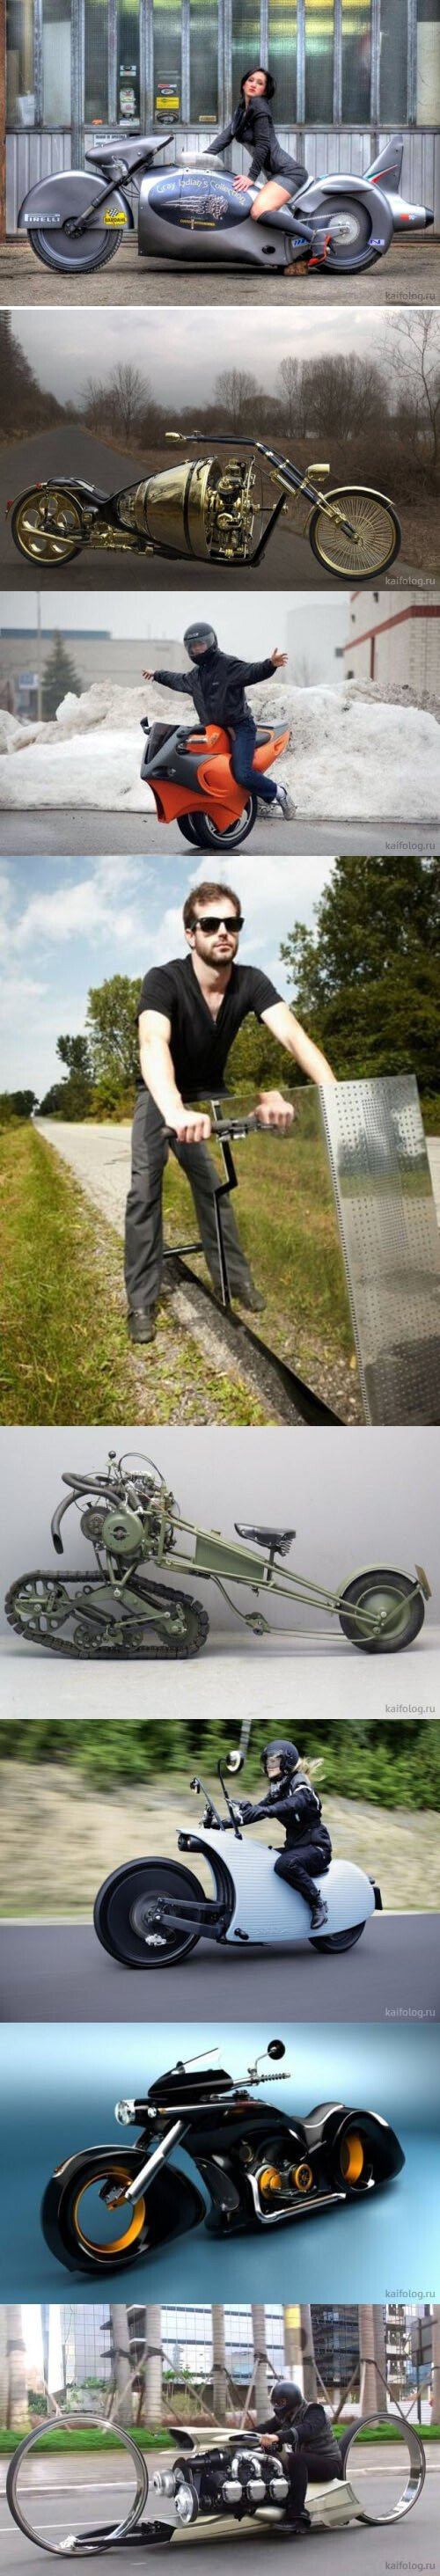 Meme_otros - Necesito probar todas estas motos al menos una vez en mi vida